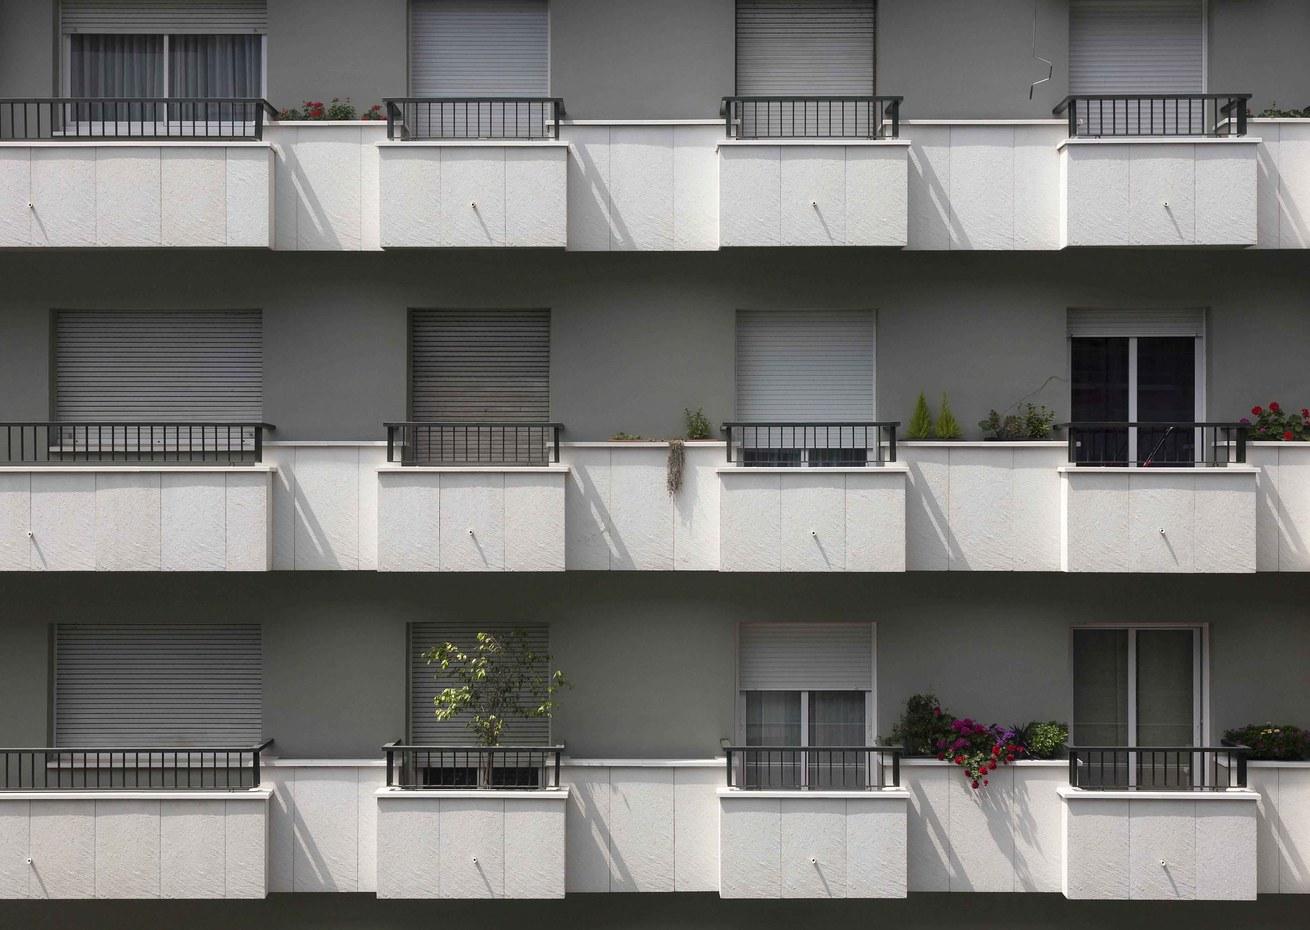 Rehabilitación de frentes de balcón con textura pizarrosa